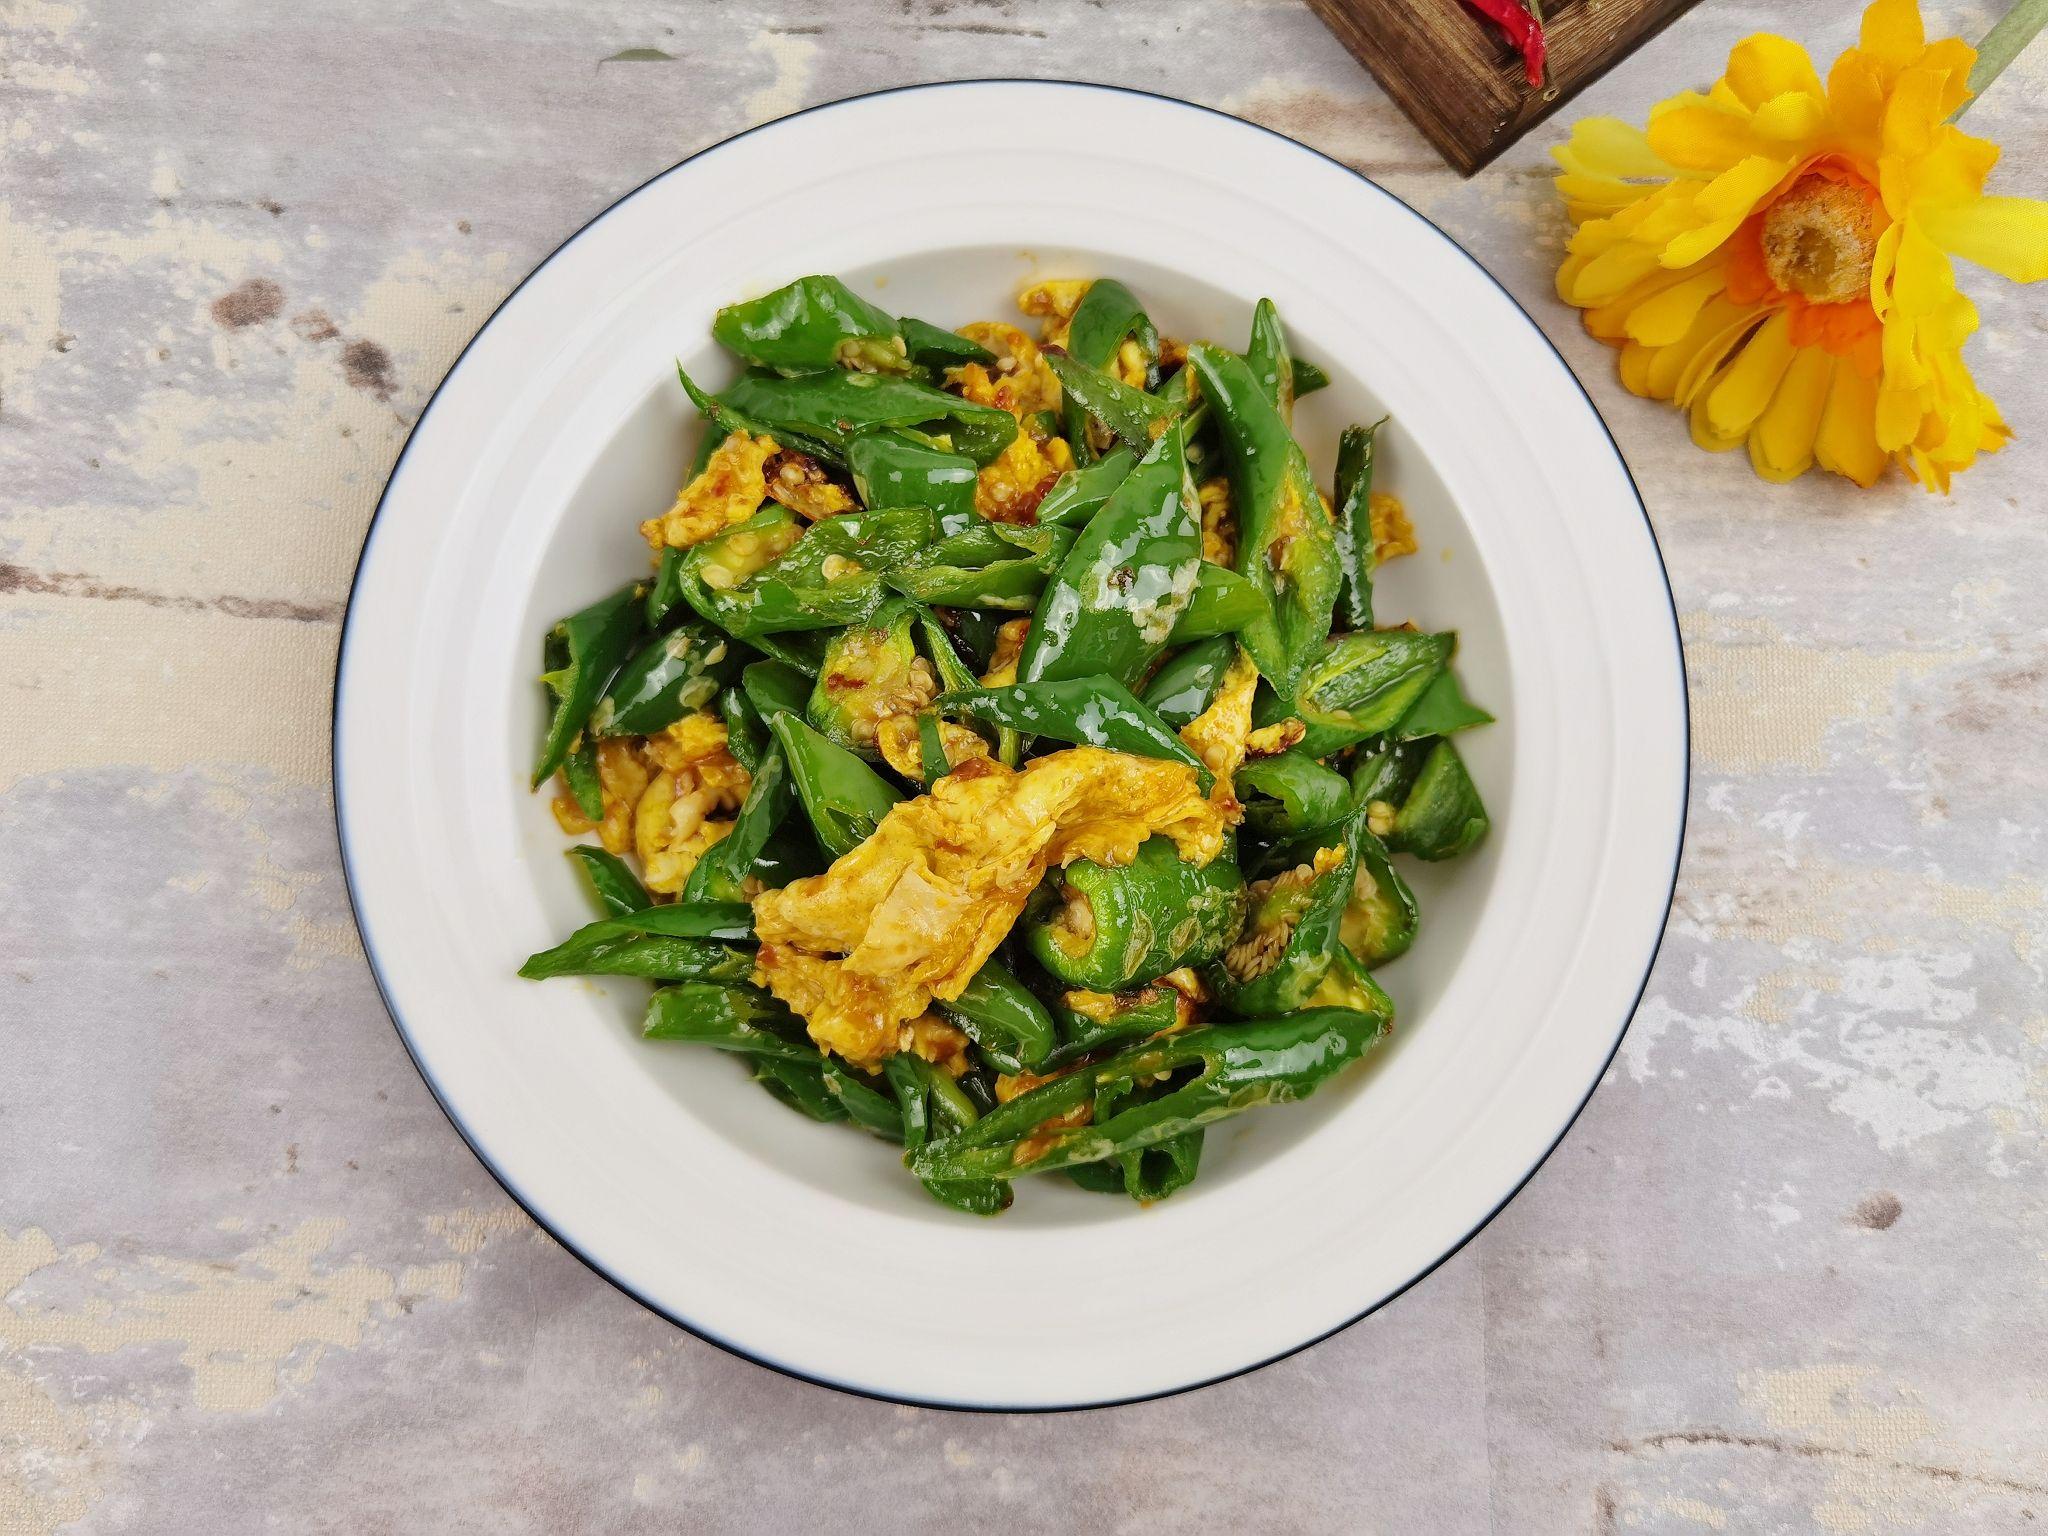 连盐都不用放的青椒炒蛋,炒1盘米饭吃2碗,就是这么简单又下饭成品图